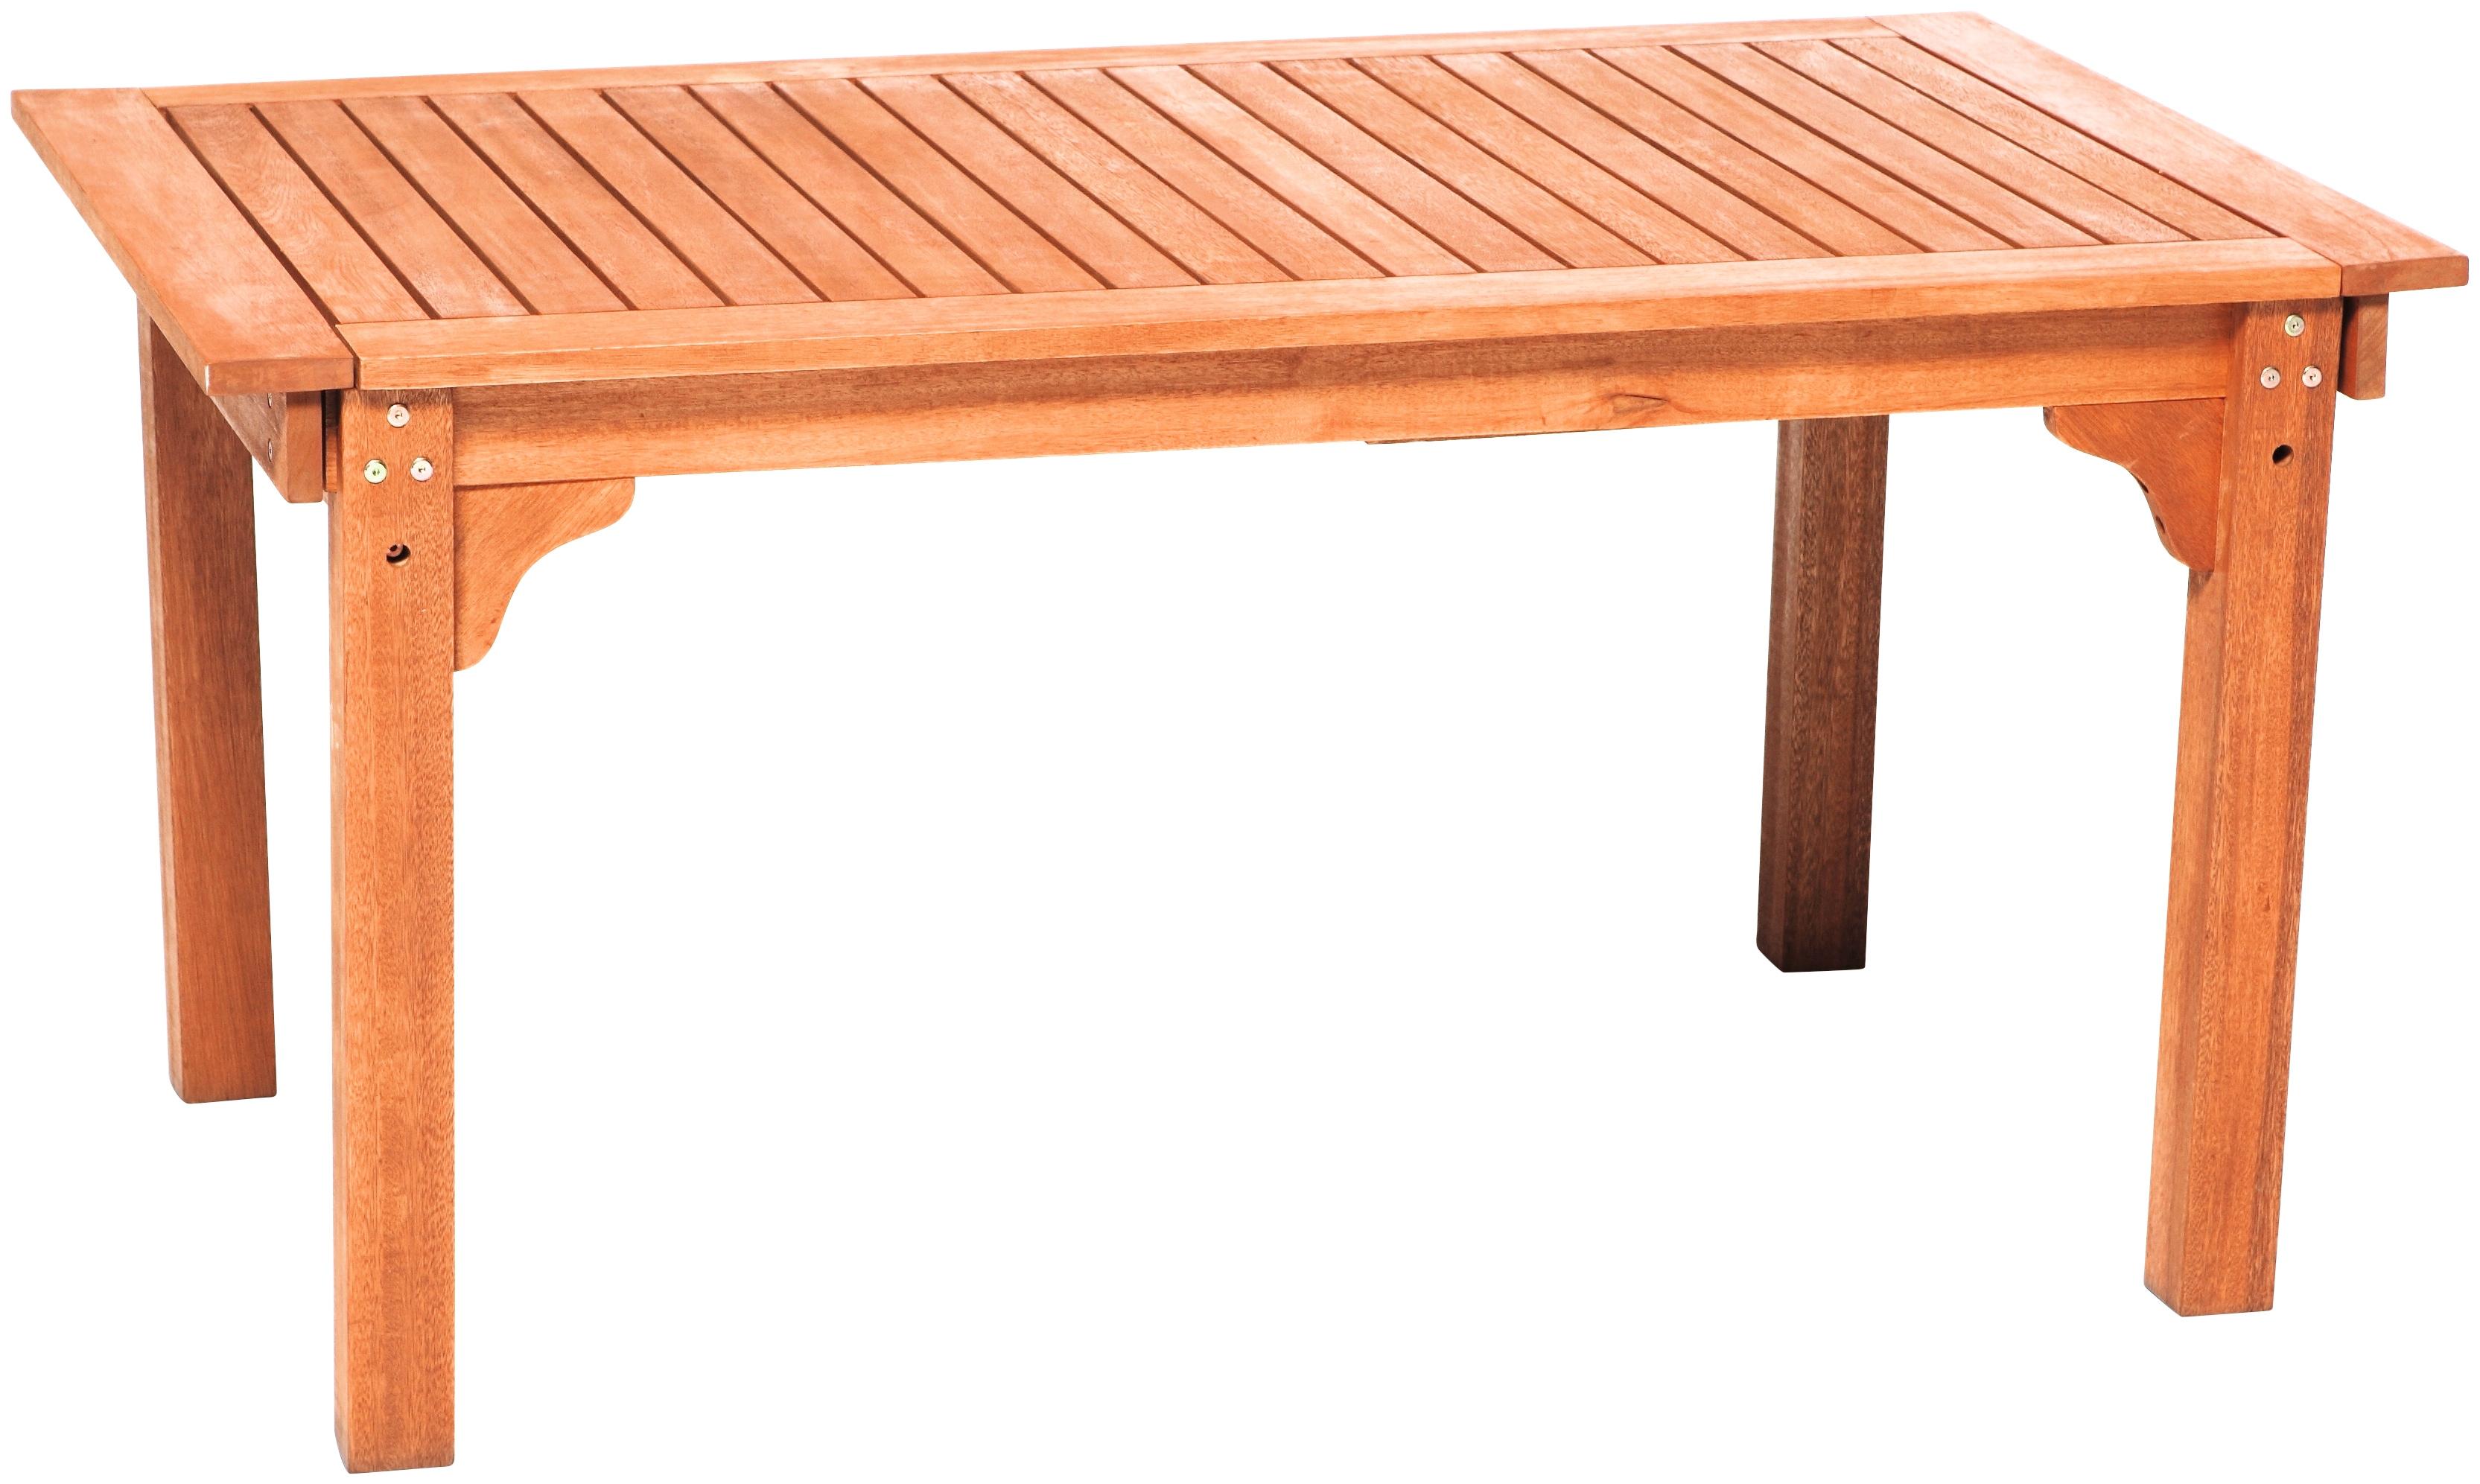 MERXX Gartentisch Eukalyptus ausziehbar 220x90 cm braun